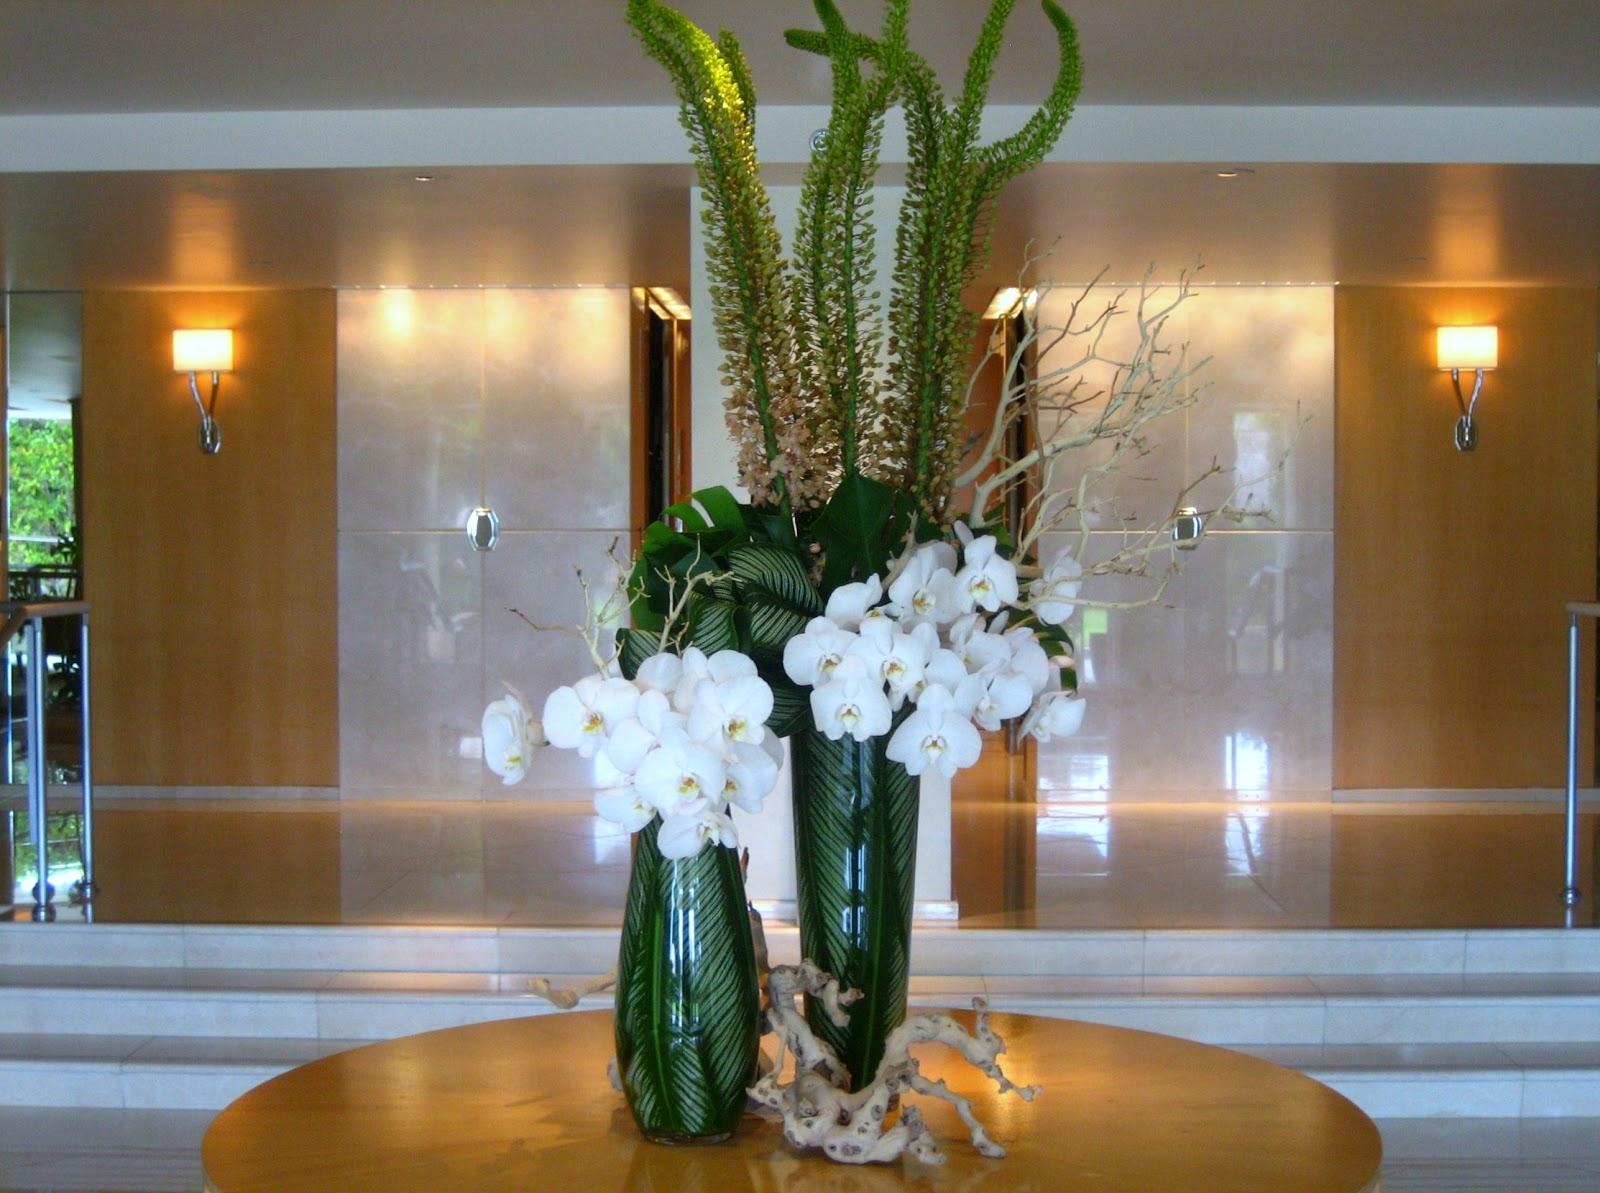 Hotel Foyer Flowers : Firenze flora beautiful corporate hotel flowers